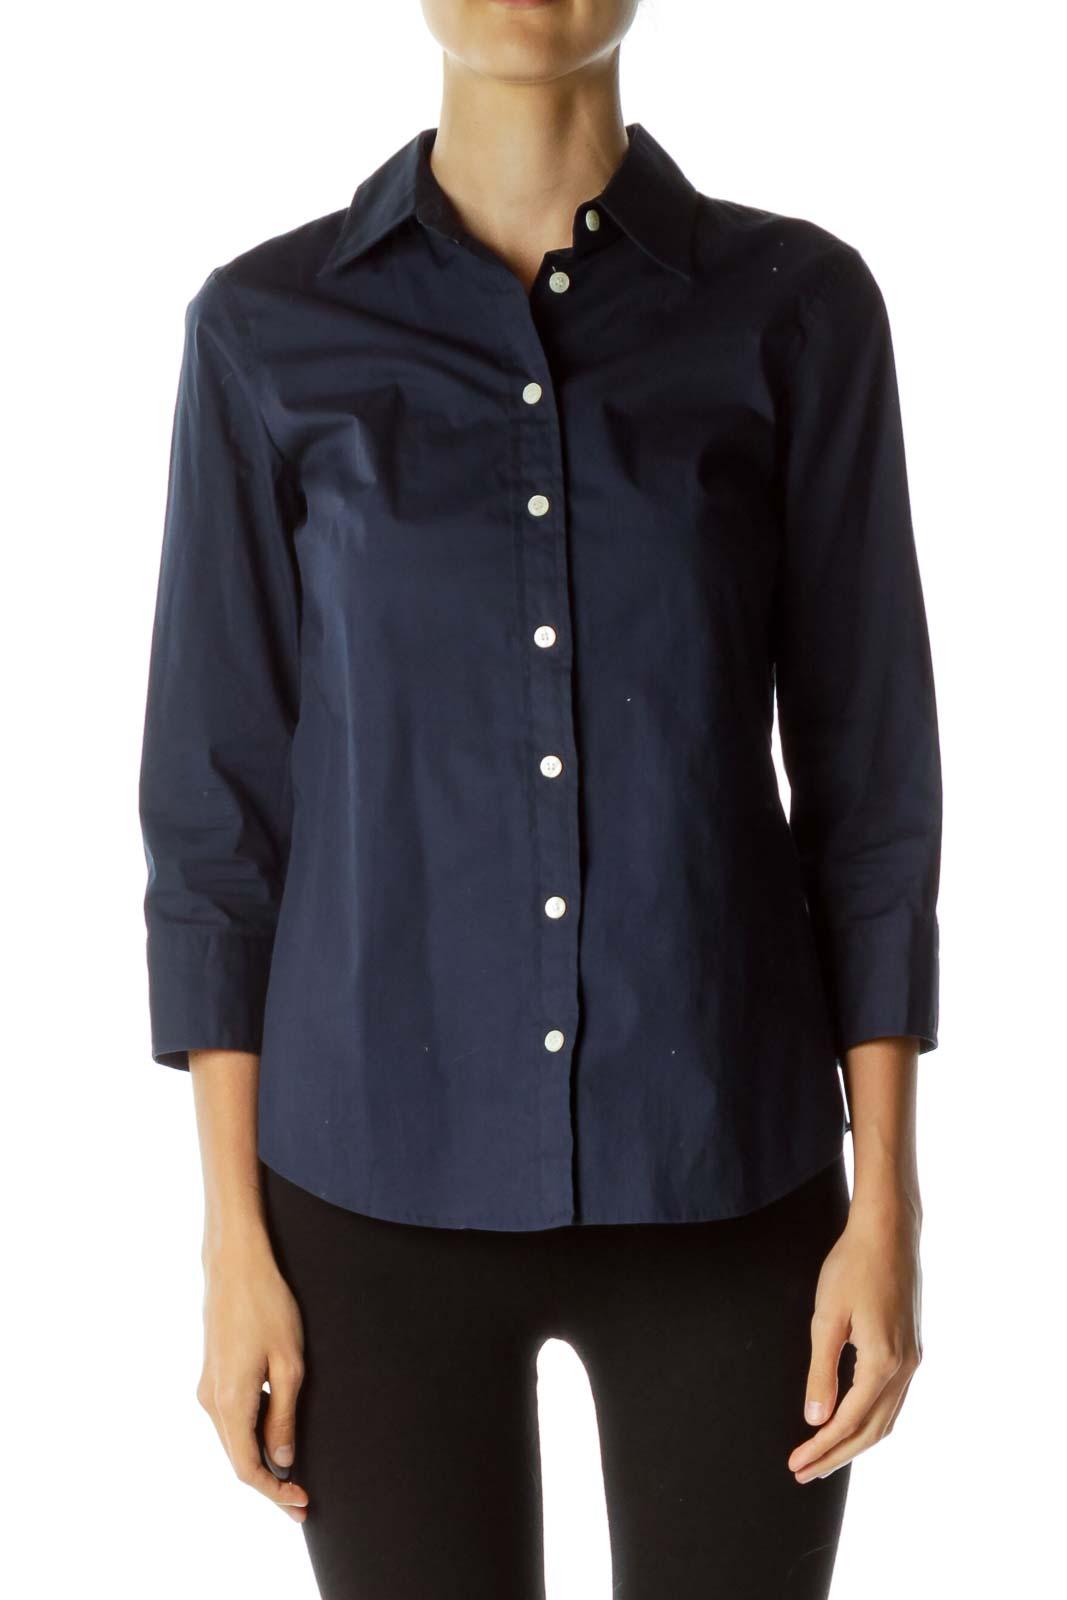 Navy Blue Button-Down Shirt